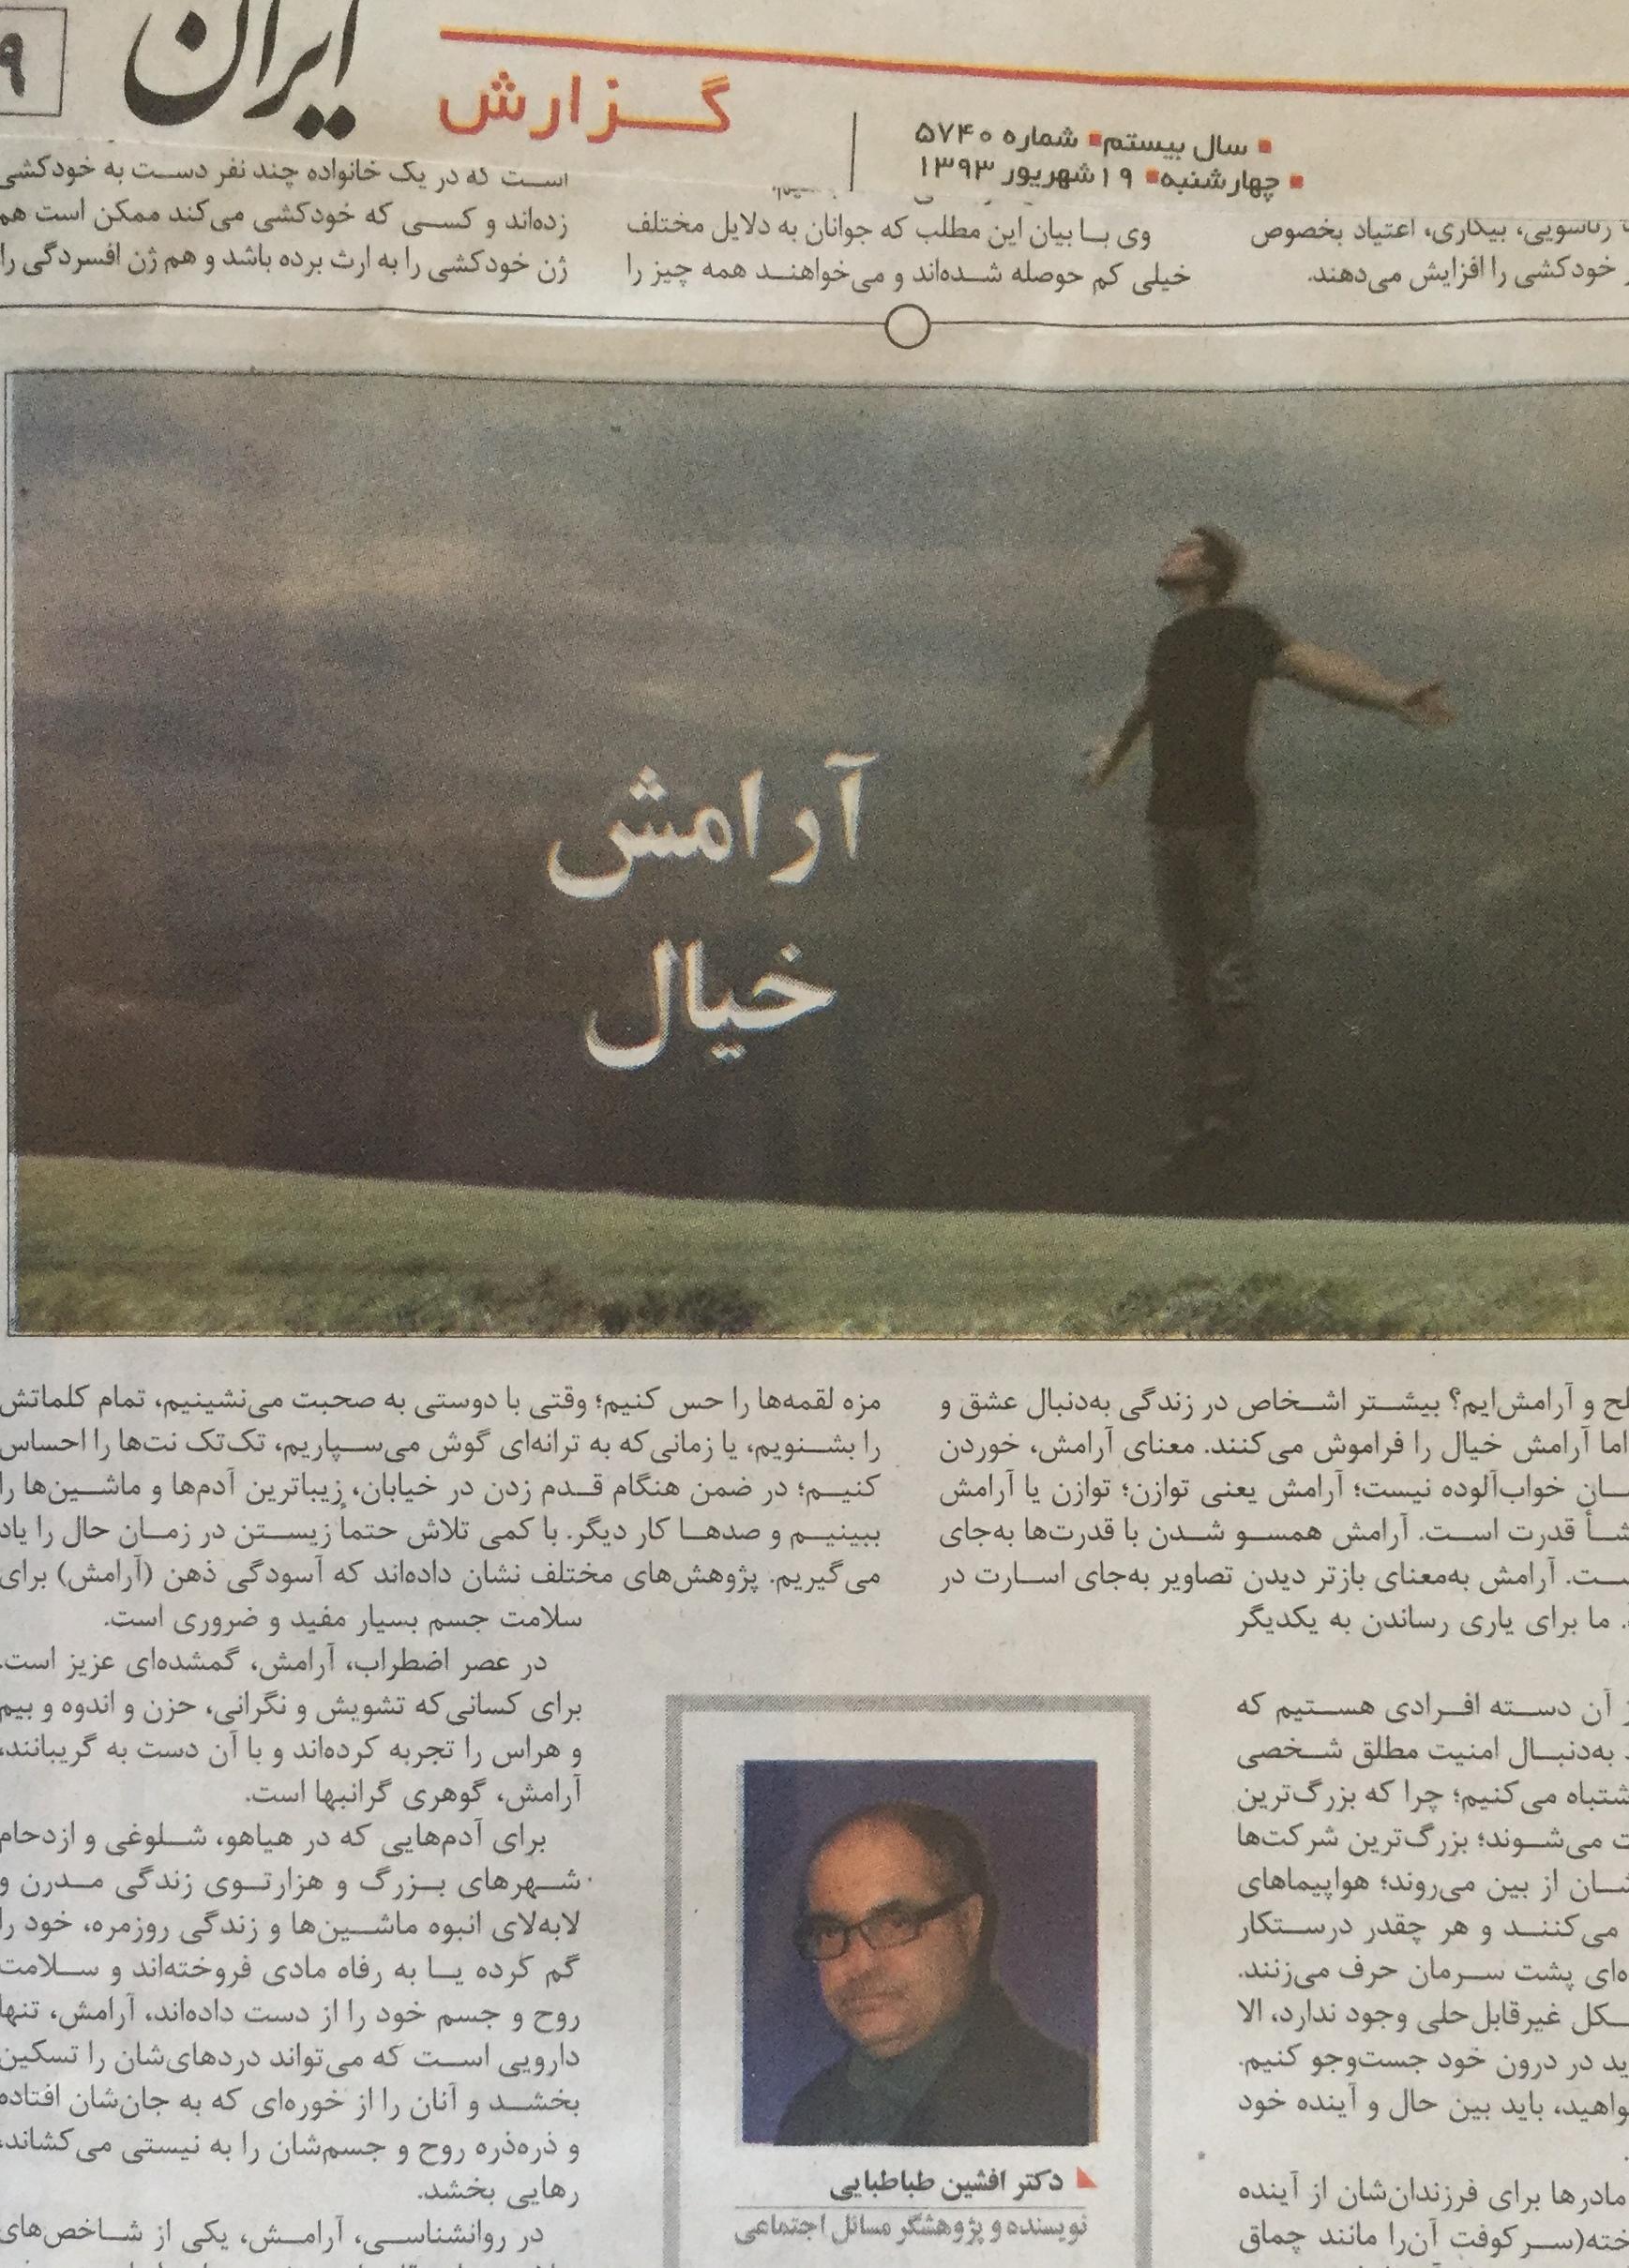 روزنامه: آرامش خیال - دکتر طباطبایی